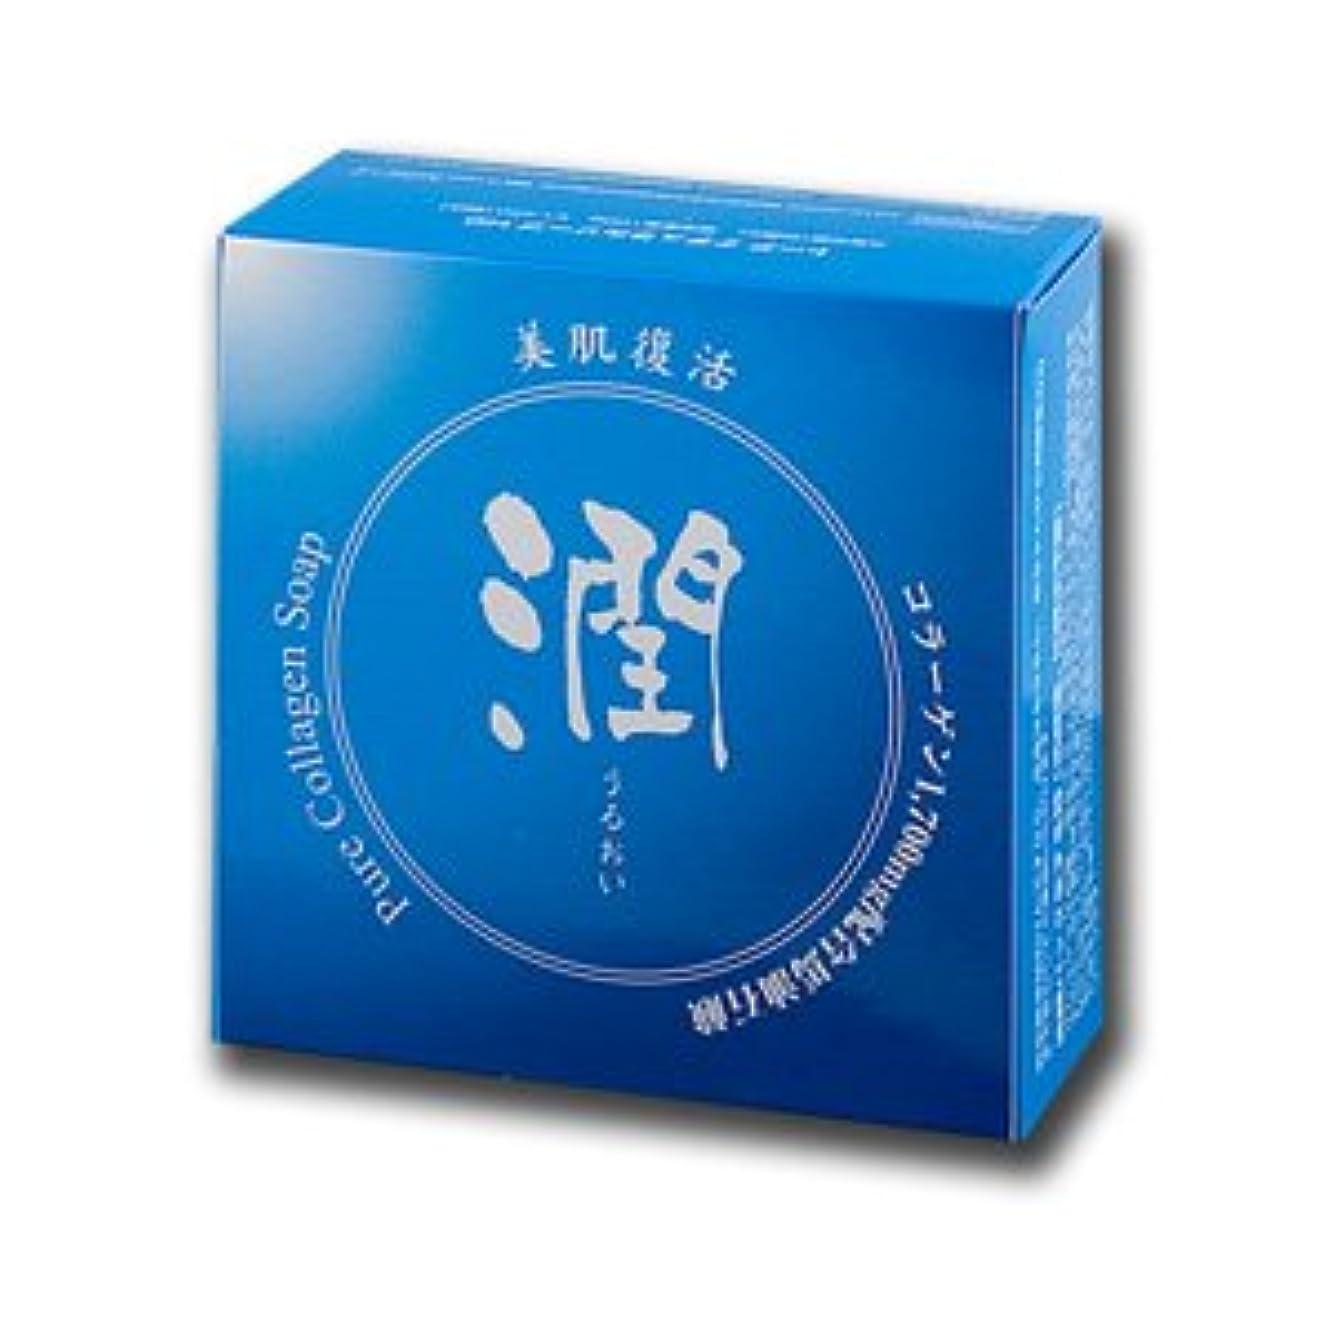 公爵夫人ワーム細分化するコラーゲン馬油石鹸 潤 100g (#800410) ×10個セット